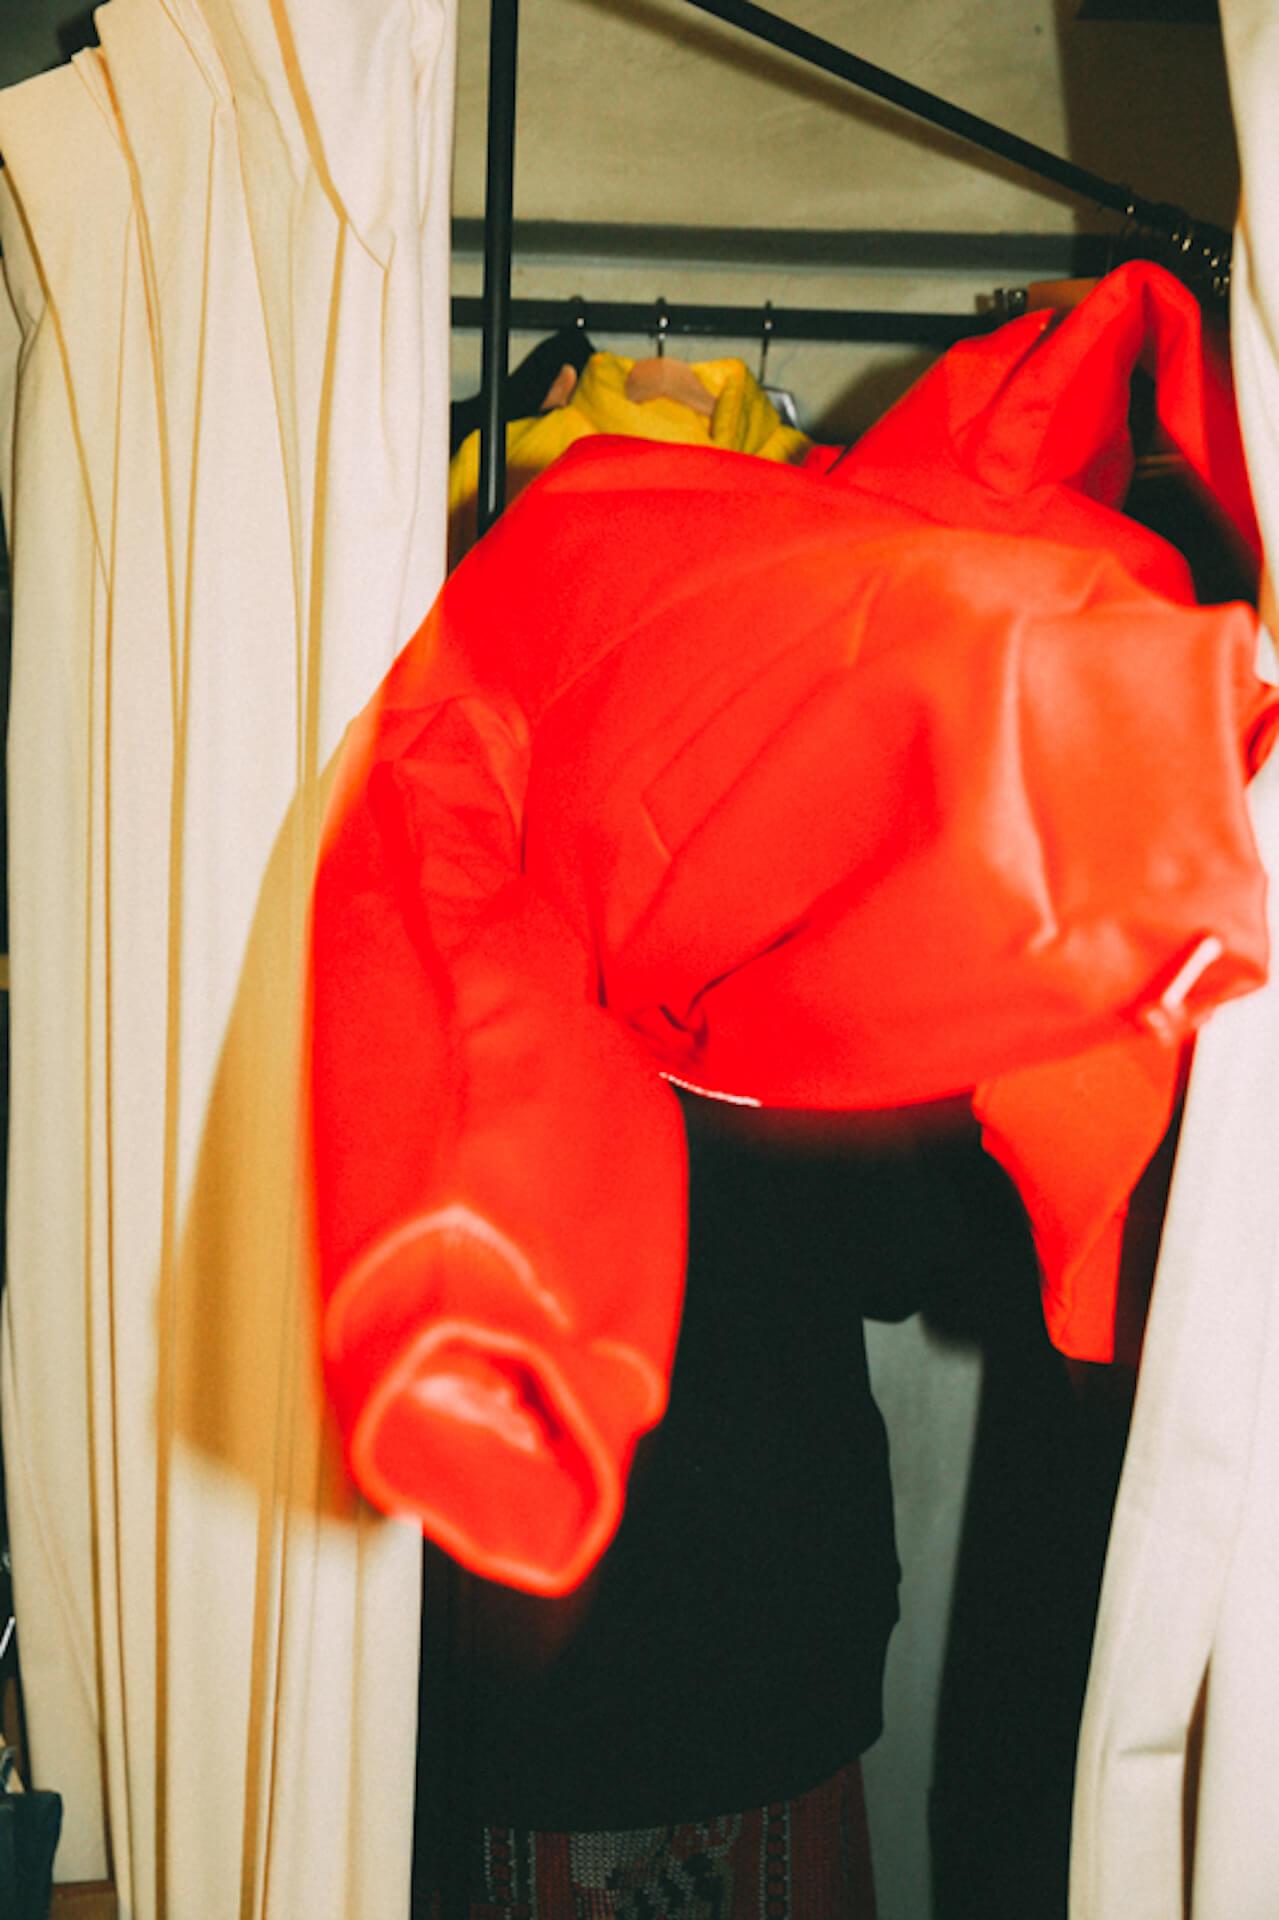 コウキシン女子の初体験vol.13老月ミカ:O 代官山 / NEW NEW YORK CLUB pickup190228_koukishinjyoshi_9